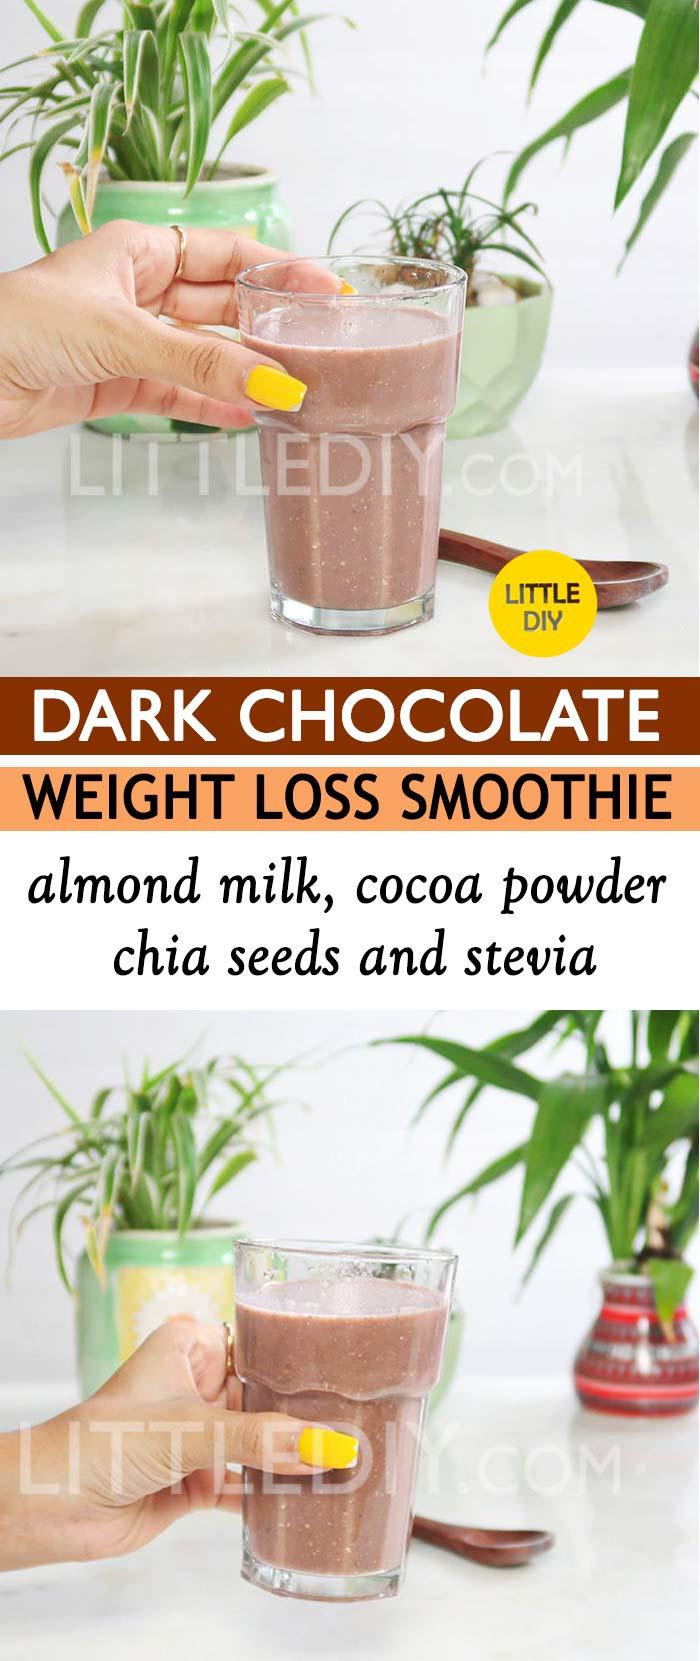 DARK CHOCOLATE WEIGHT LOSS